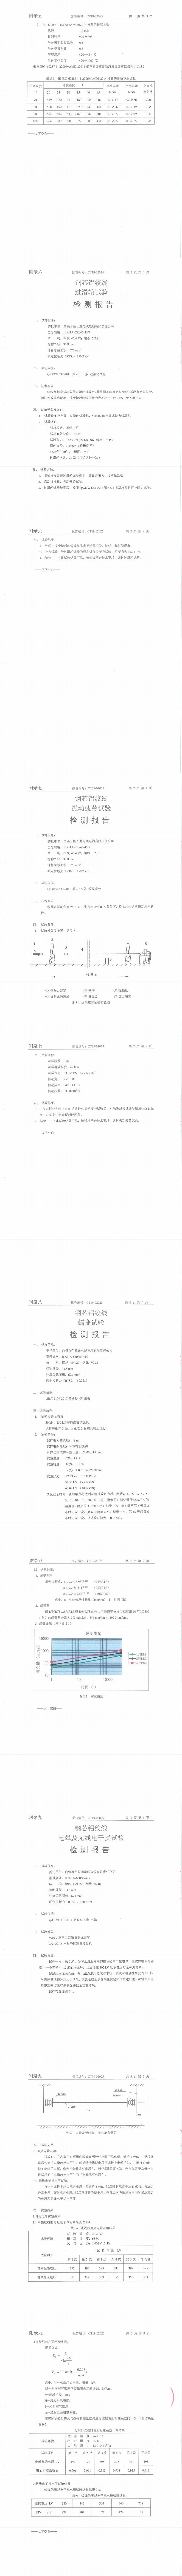 钢芯铝绞线型式检验报告(2019)_1.jpg